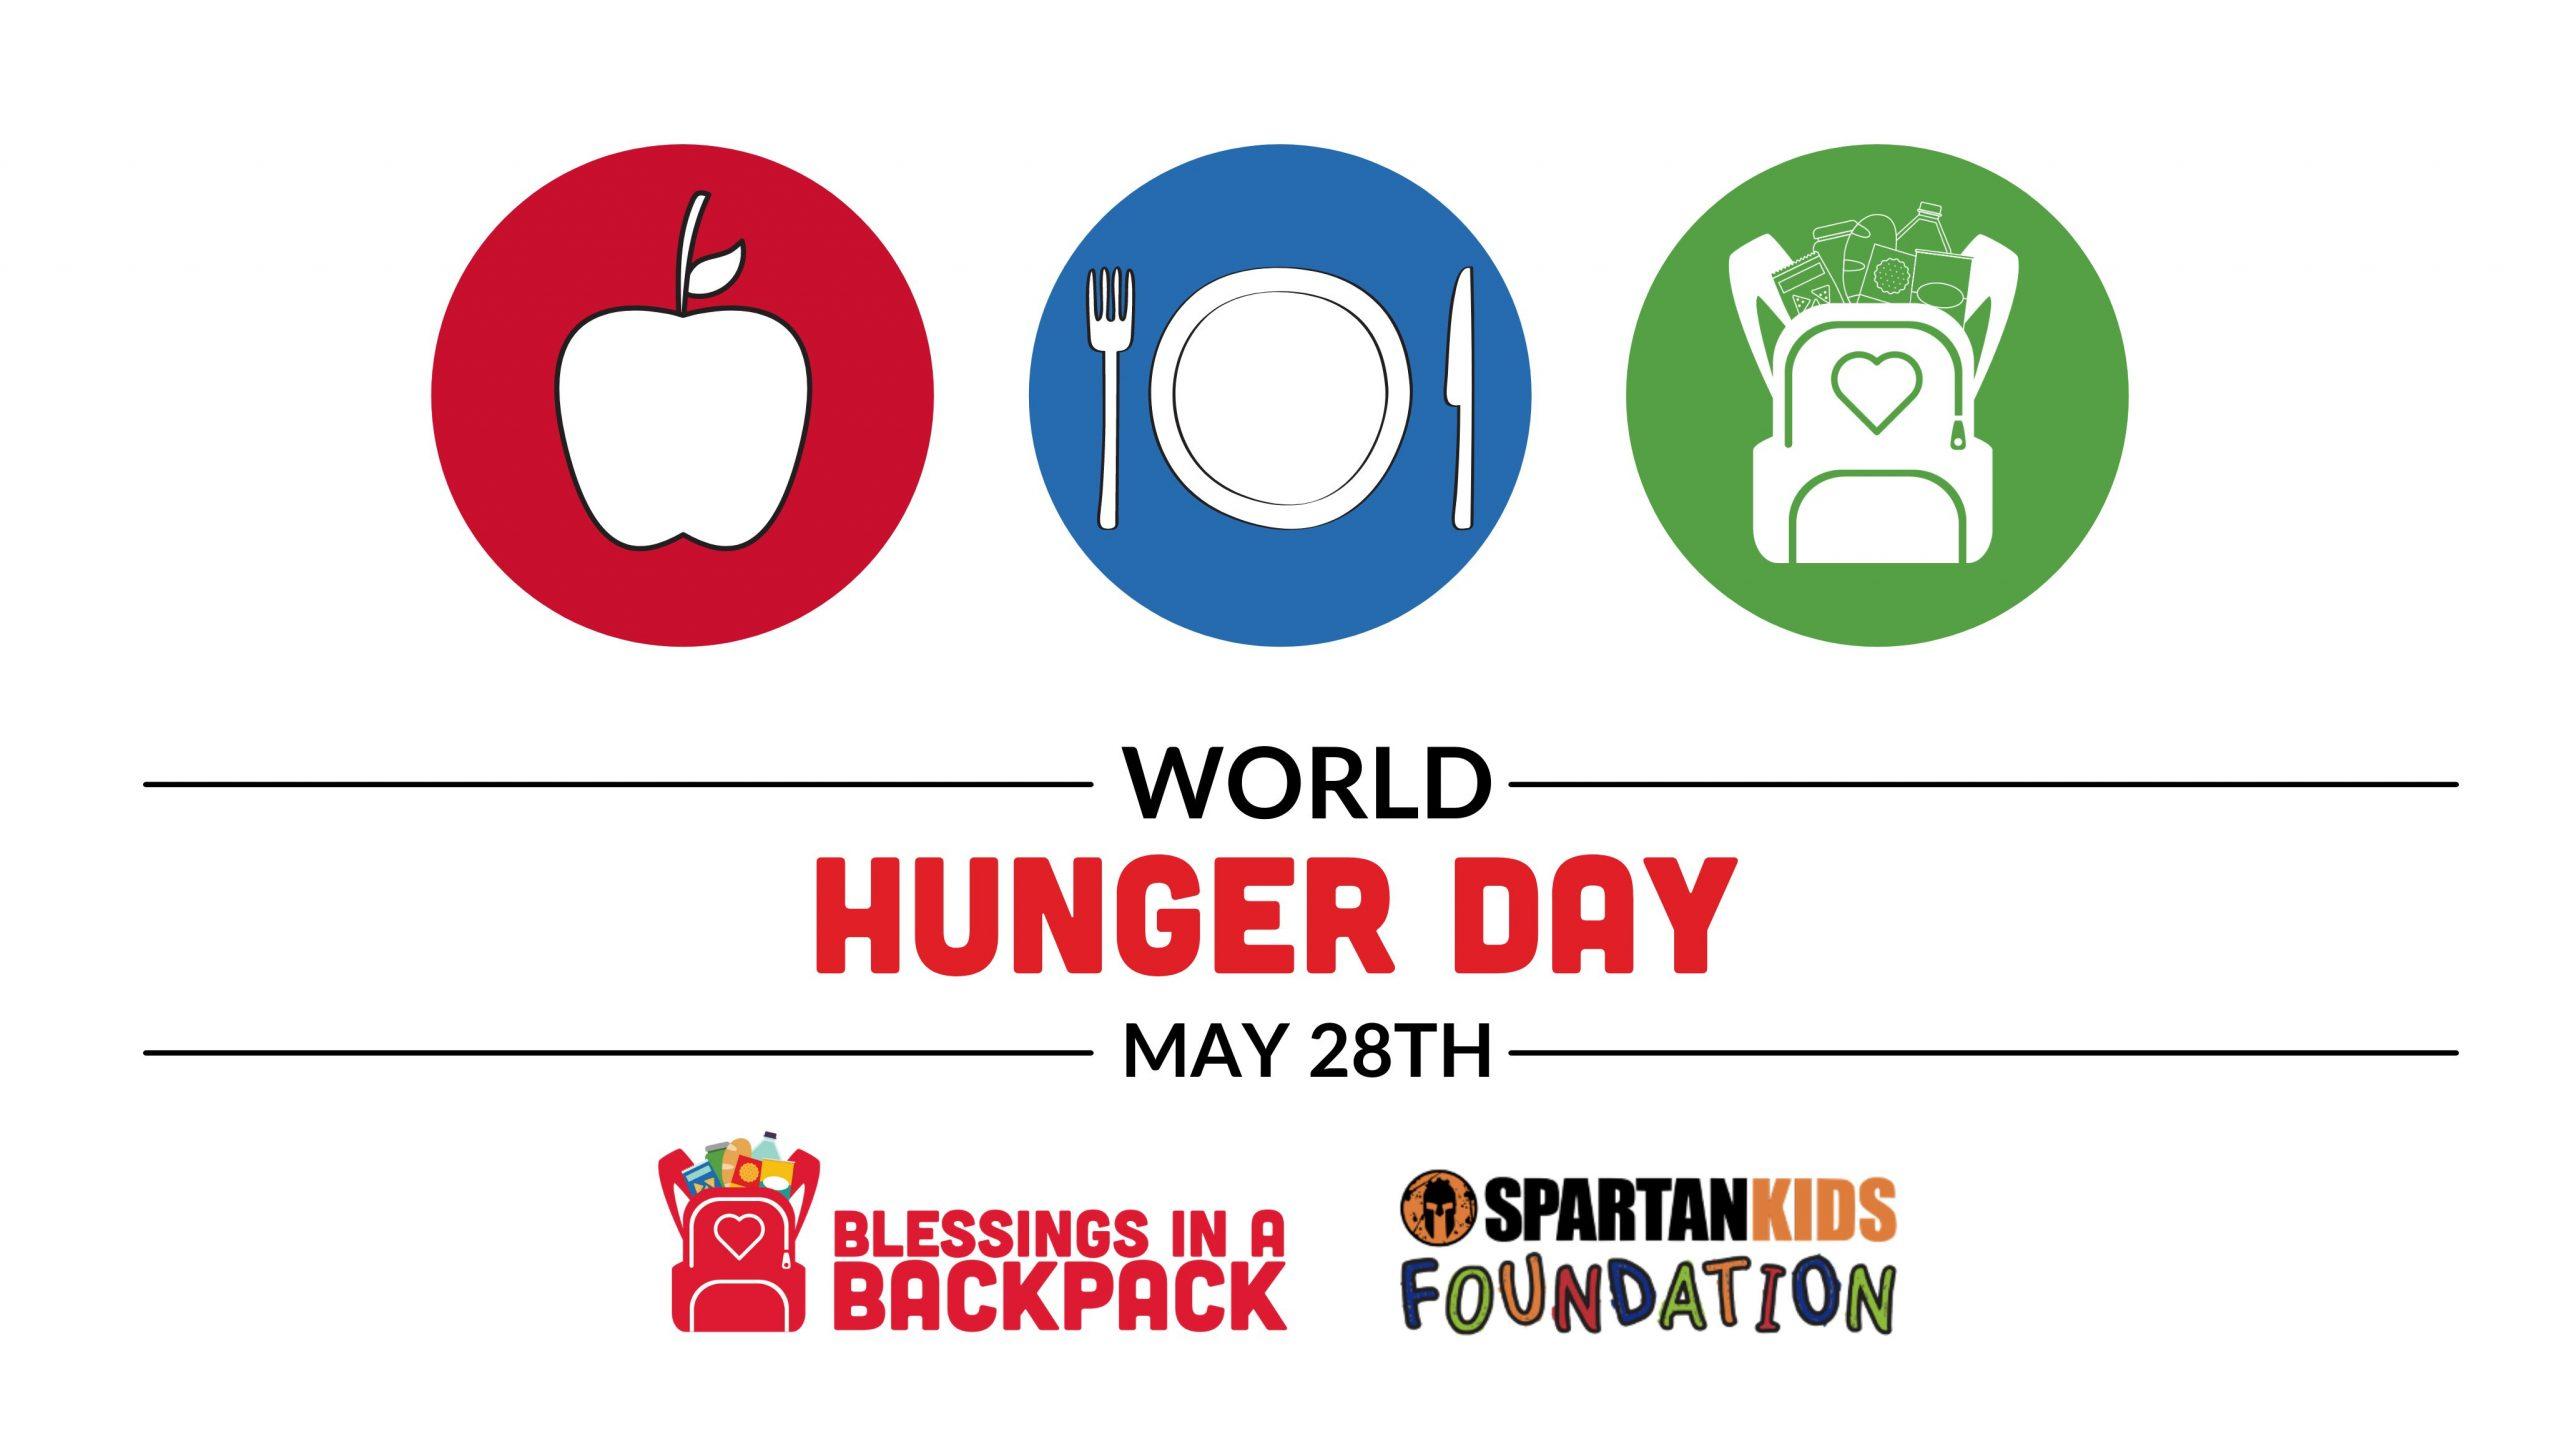 World Hunger Day